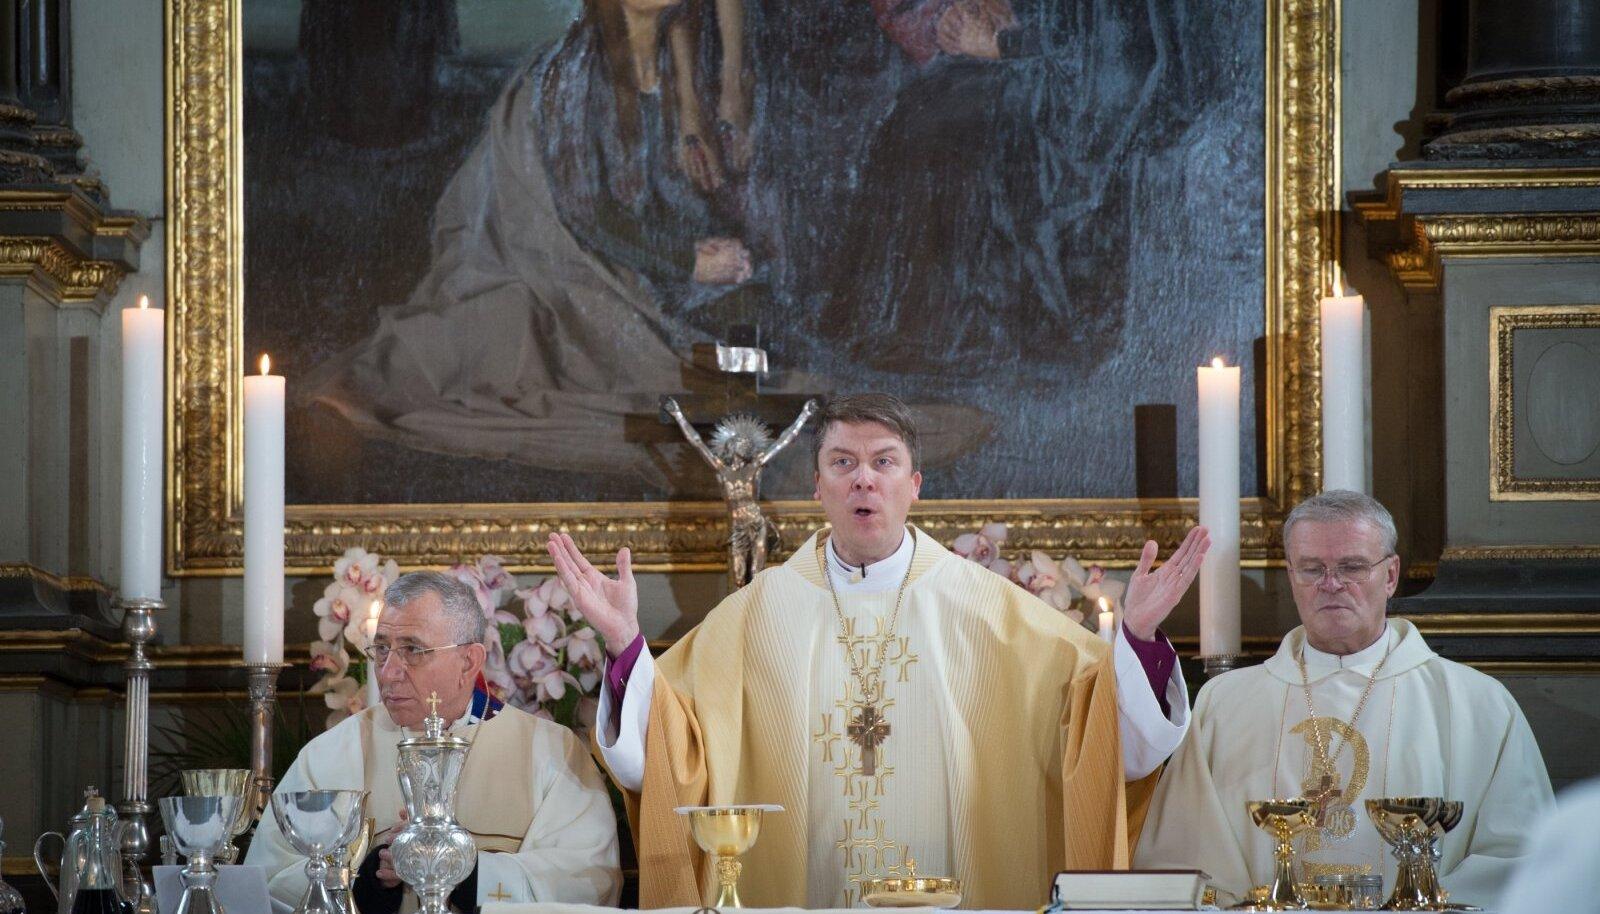 Kuigi Urmas Viilma (keskel) ei startinud uue EELK peapiiskopi valimistele sugugi favoriidina, pühitseti 2015. aasta jaanuaris ametisse just tema.